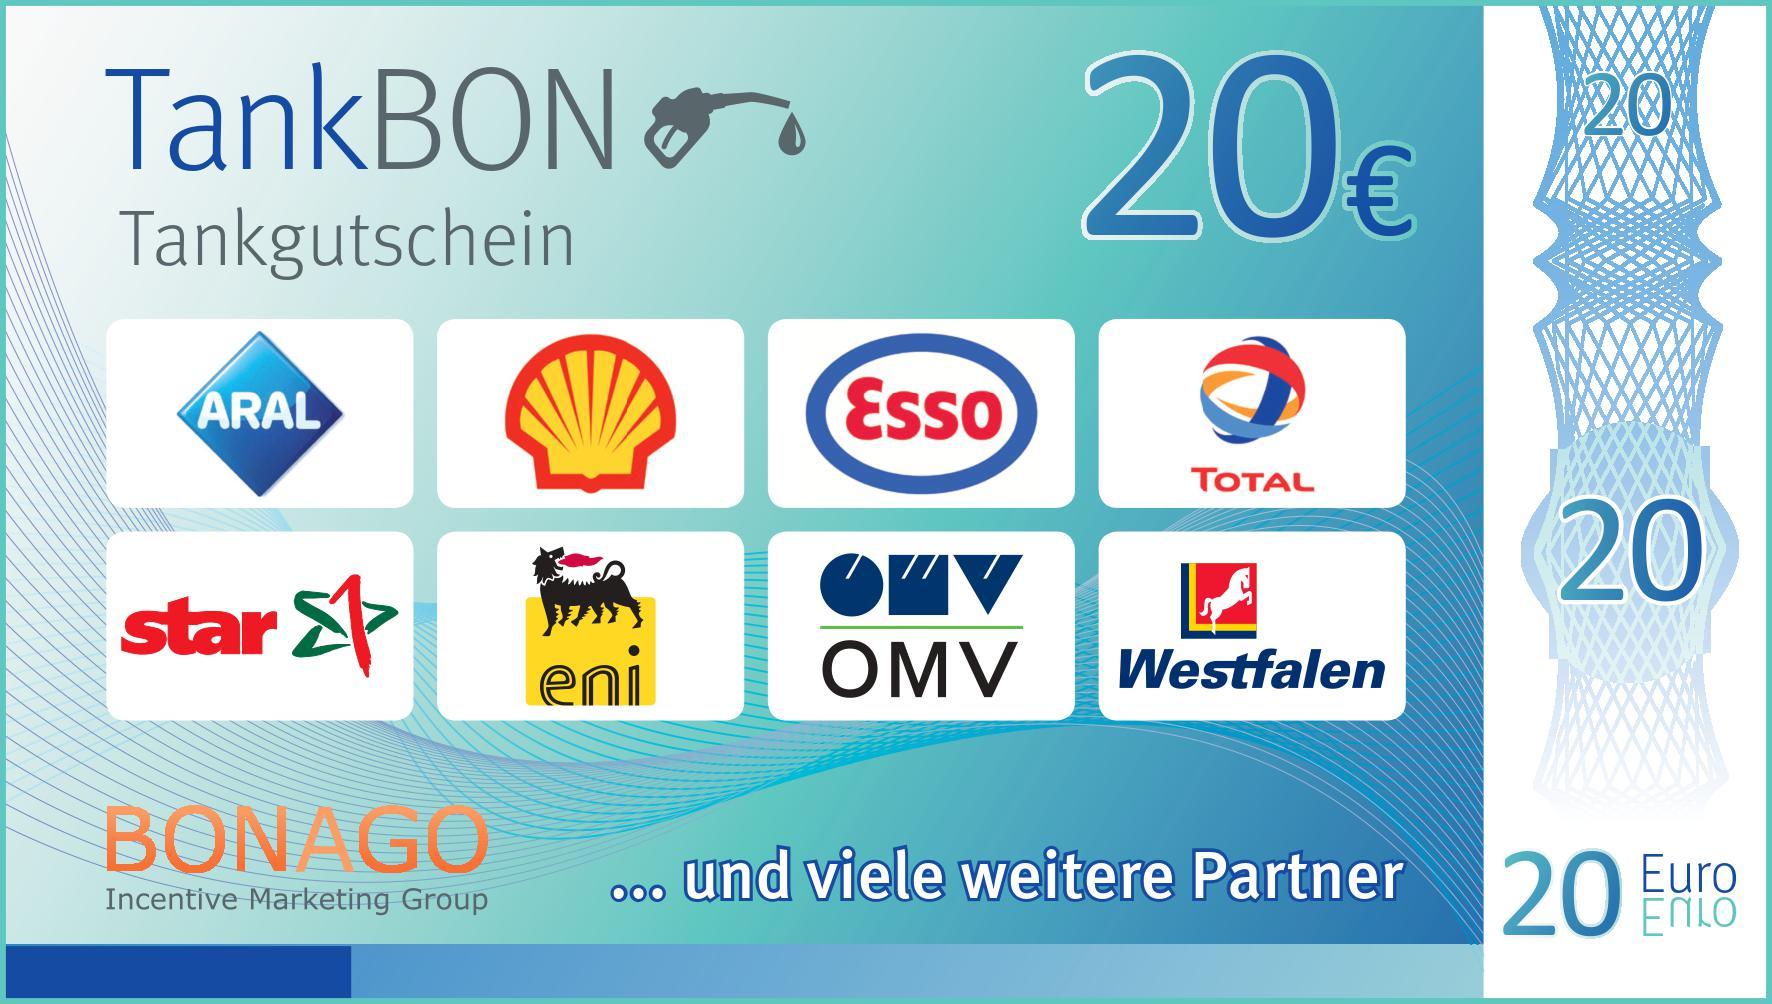 So macht Tanken Spaß: Sparen Sie 20 € bei Ihrem nächsten Tankstellenbesuch. Gutschein bundesweit für alle Kraftstoffe bei den abgebildeten Tankstellen gültig. Gutschein nur in Deutschland gültig.